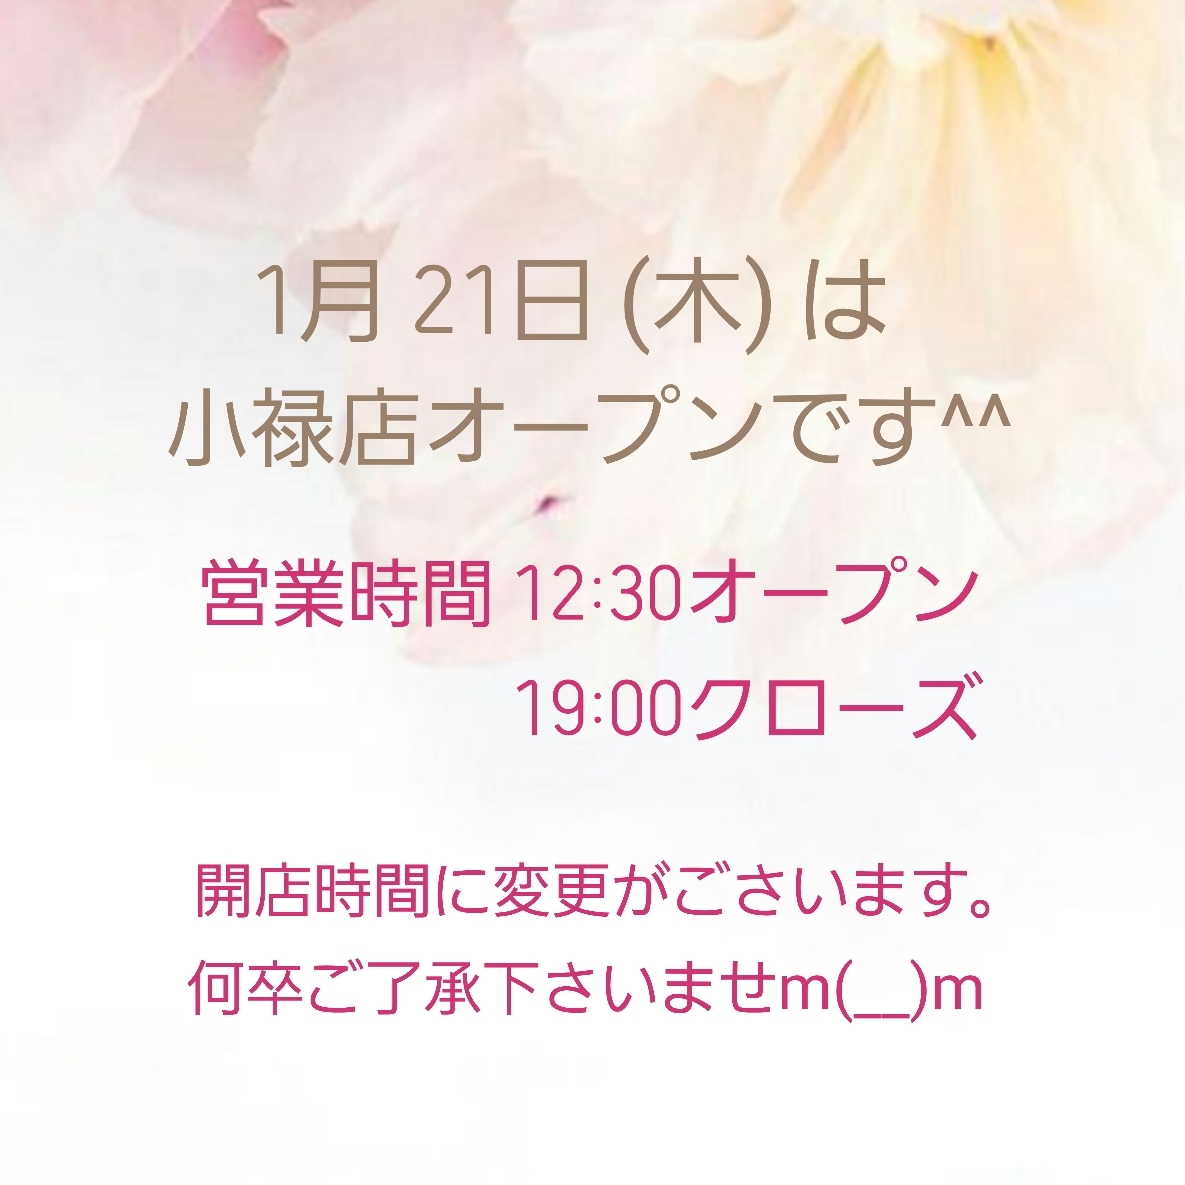 ☆ 明日(1/21木)小禄店の営業時間変更あります ☆_e0103133_21294945.jpg